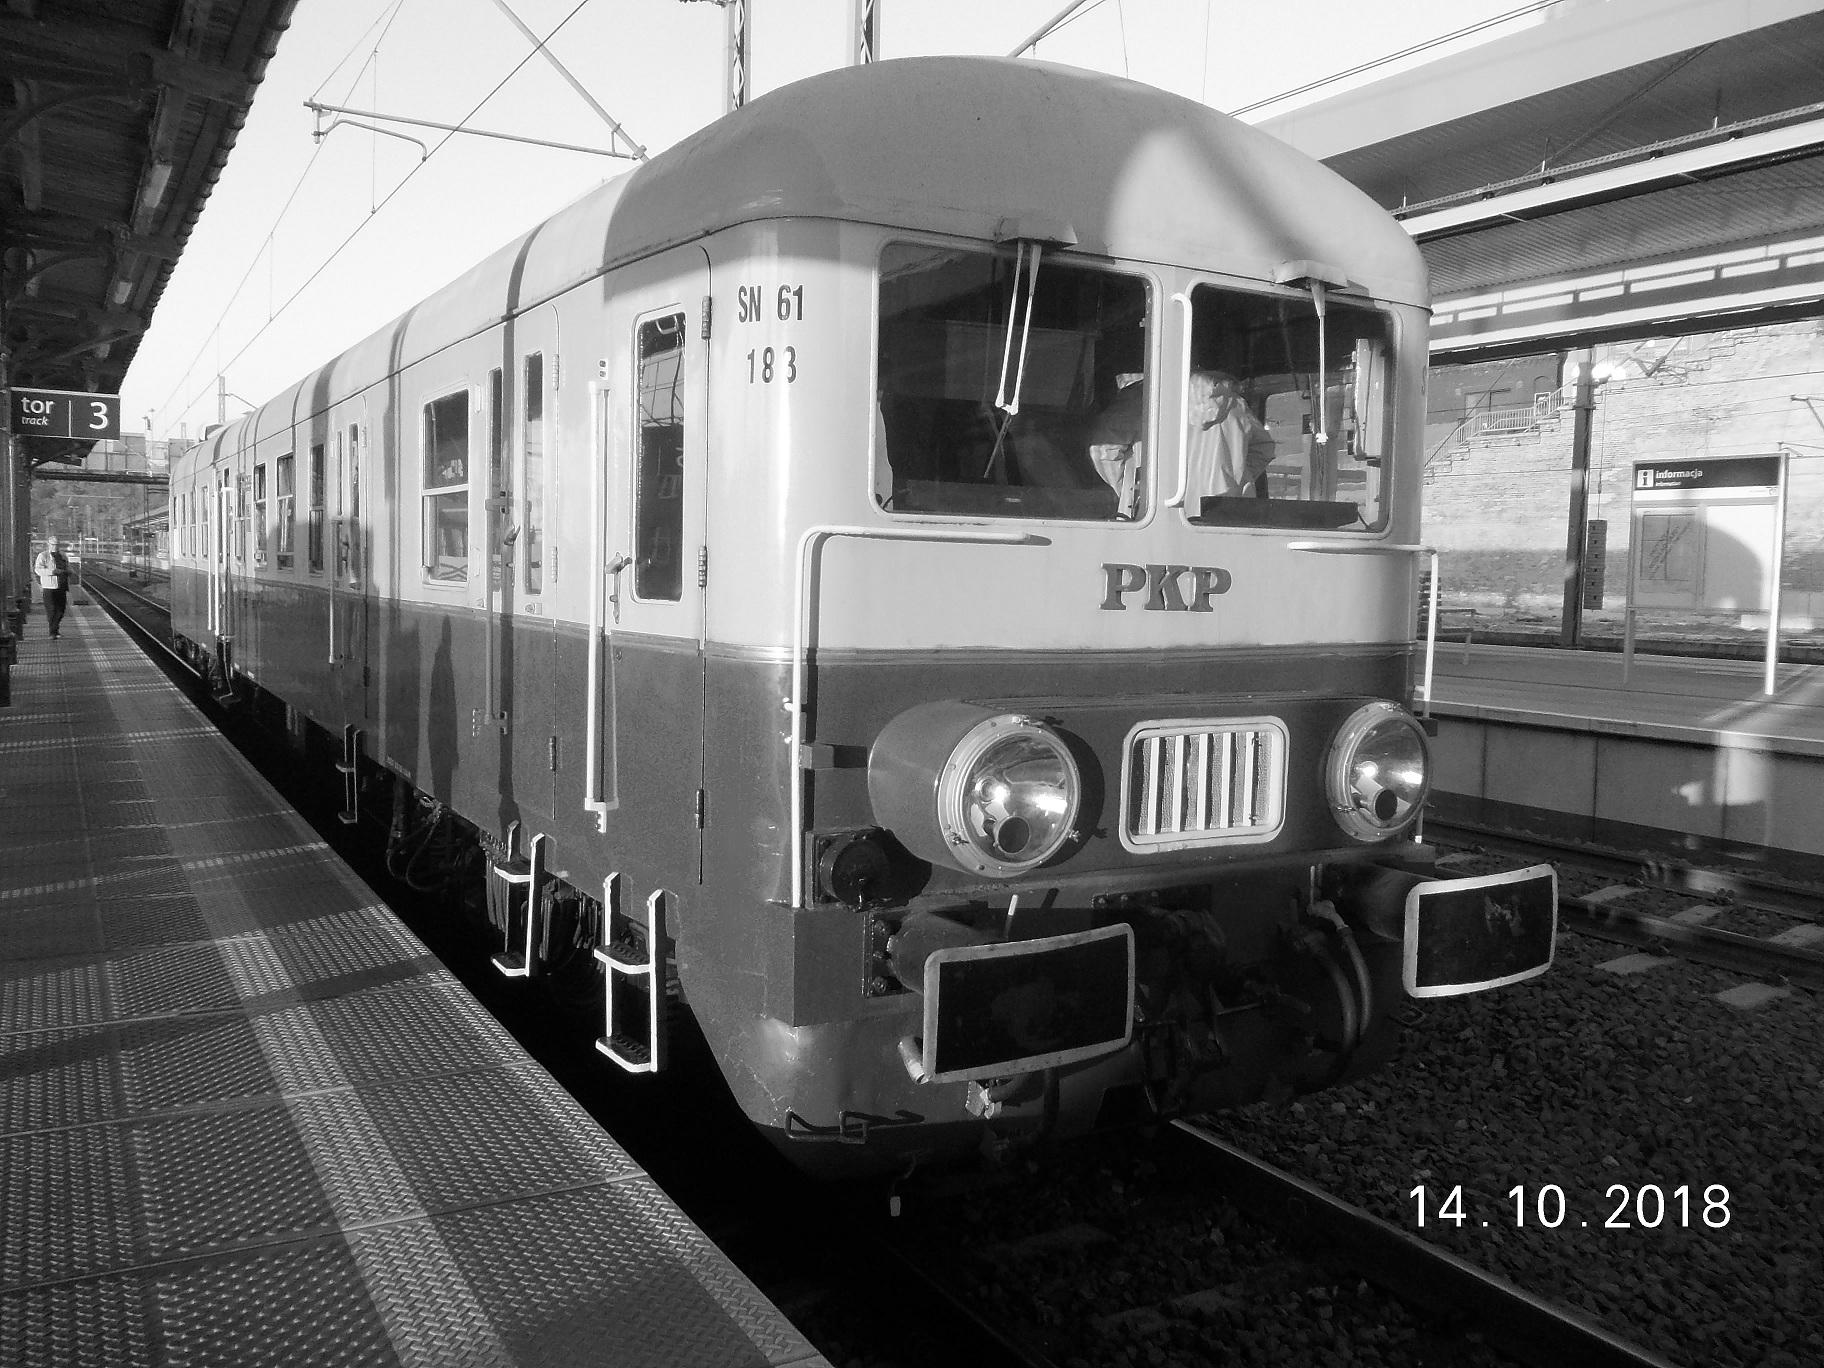 DSCN1937.JPG